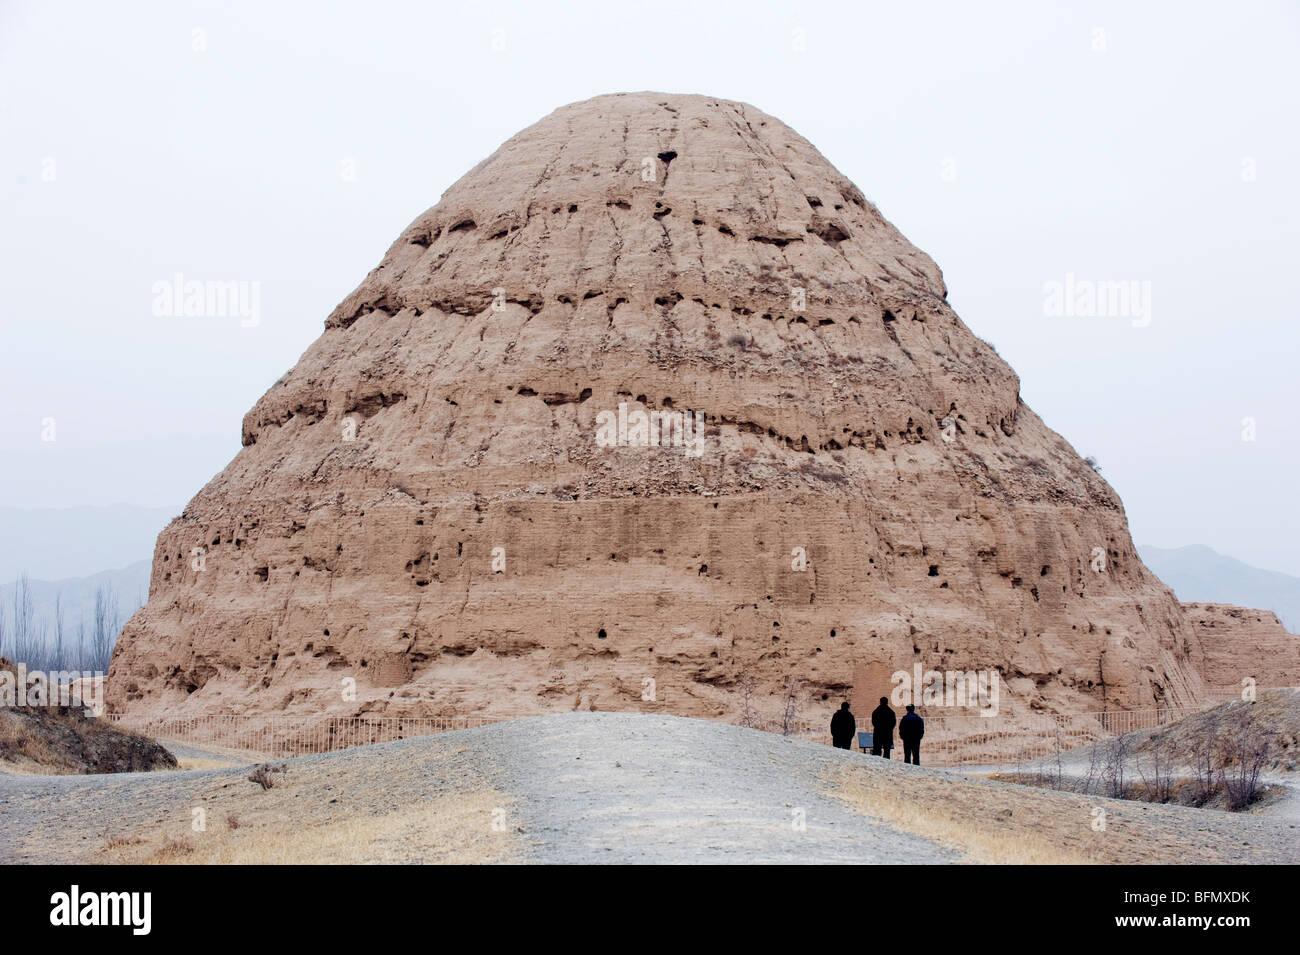 La Chine, de la province, Yinchuan, Ningxia Xia occidental Tombs Banque D'Images